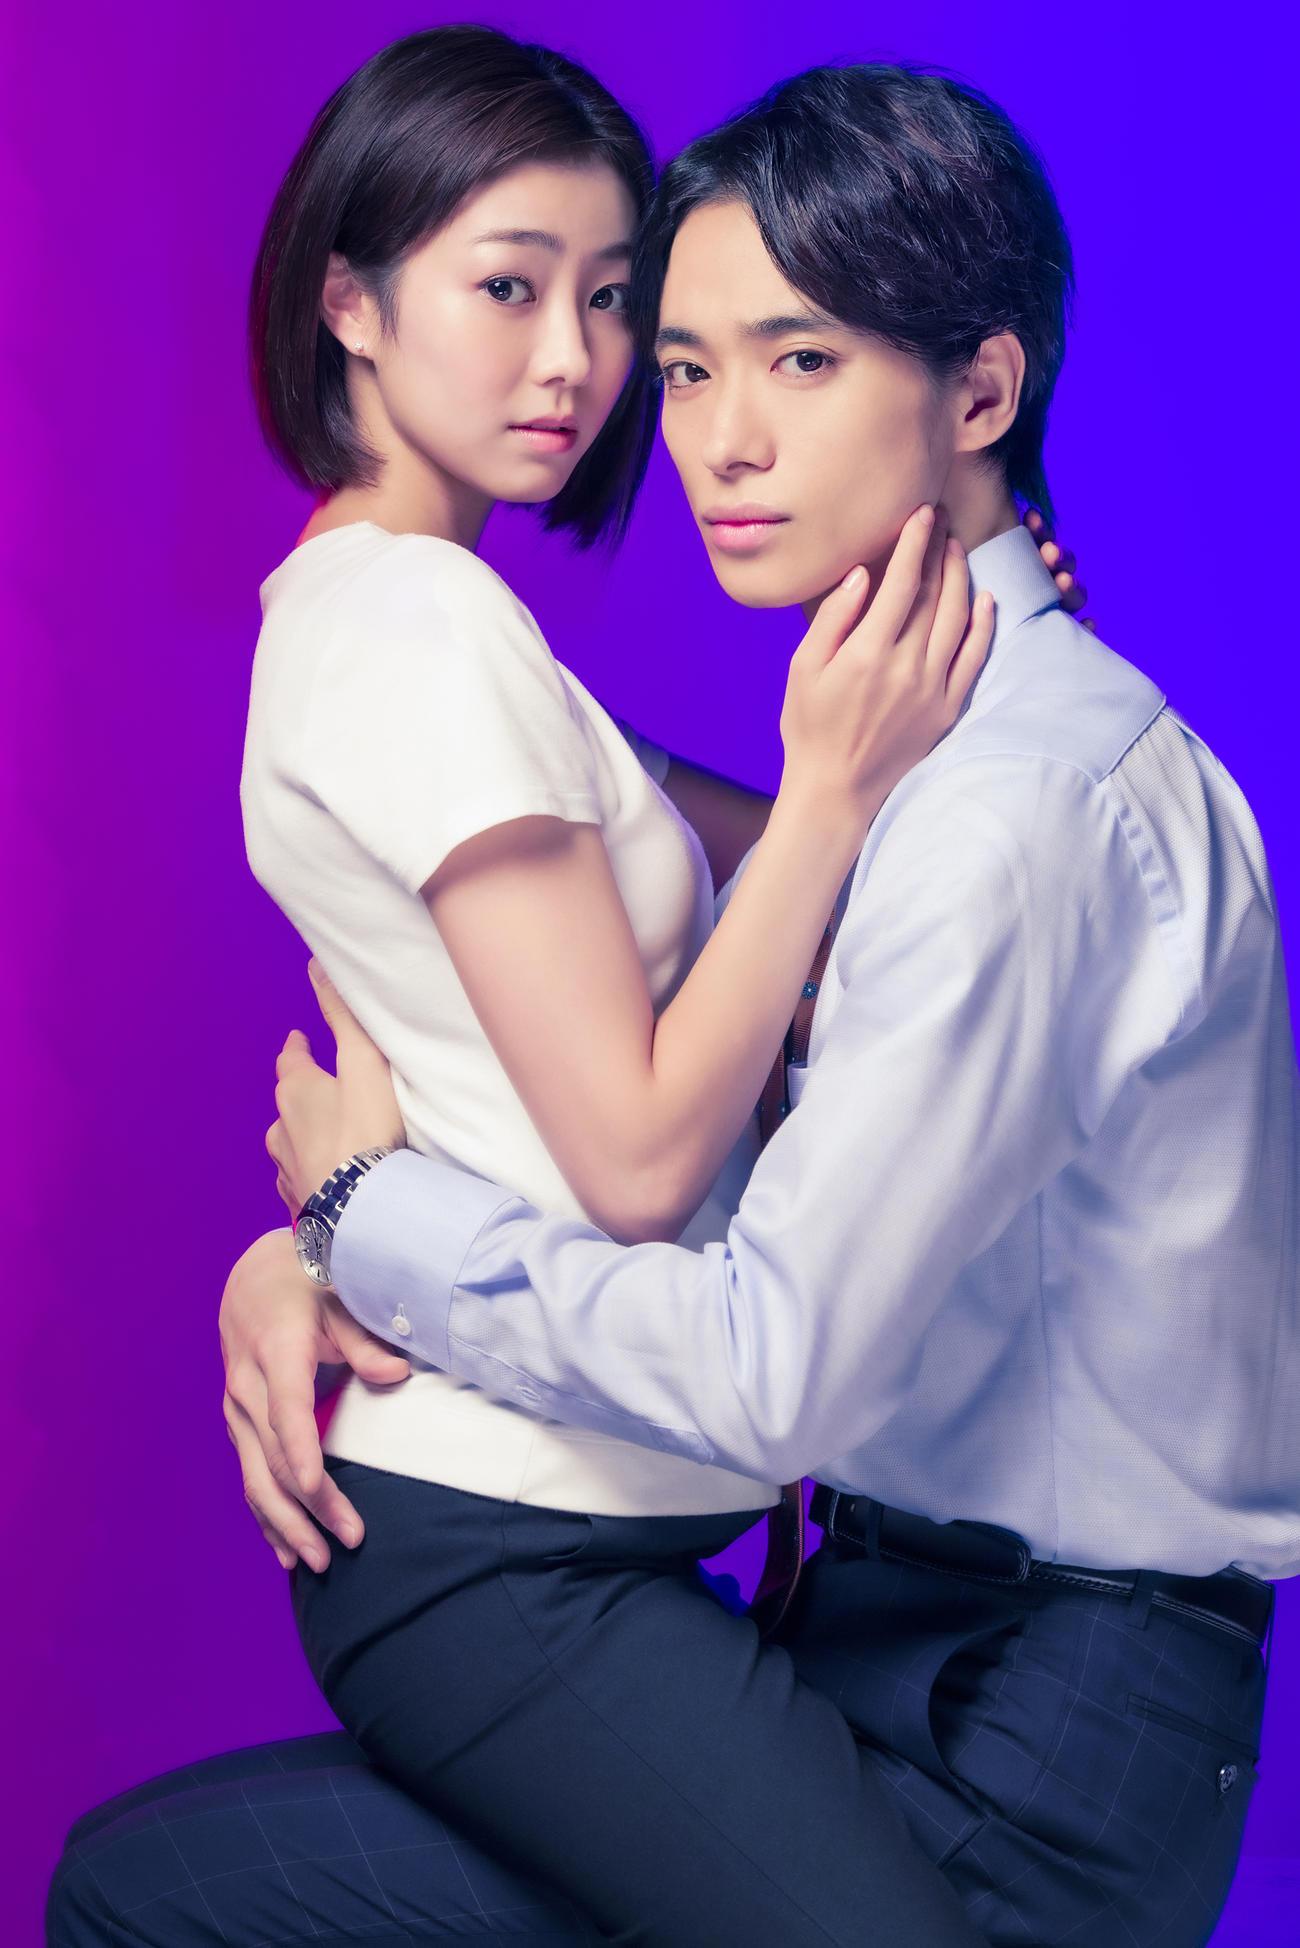 TBS系ドラマイズム「凛子さんはシてみたい」にダブル主演する高田夏帆(左)と戸塚祥太